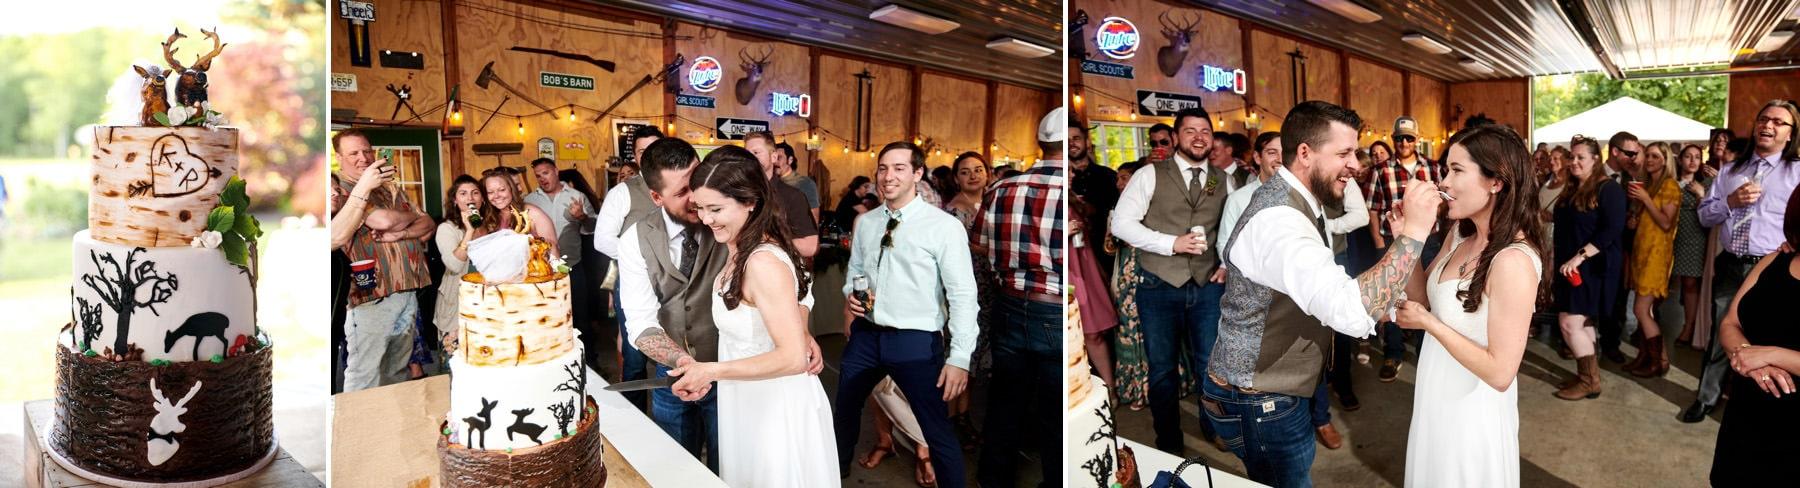 farm wedding cake cutting photos